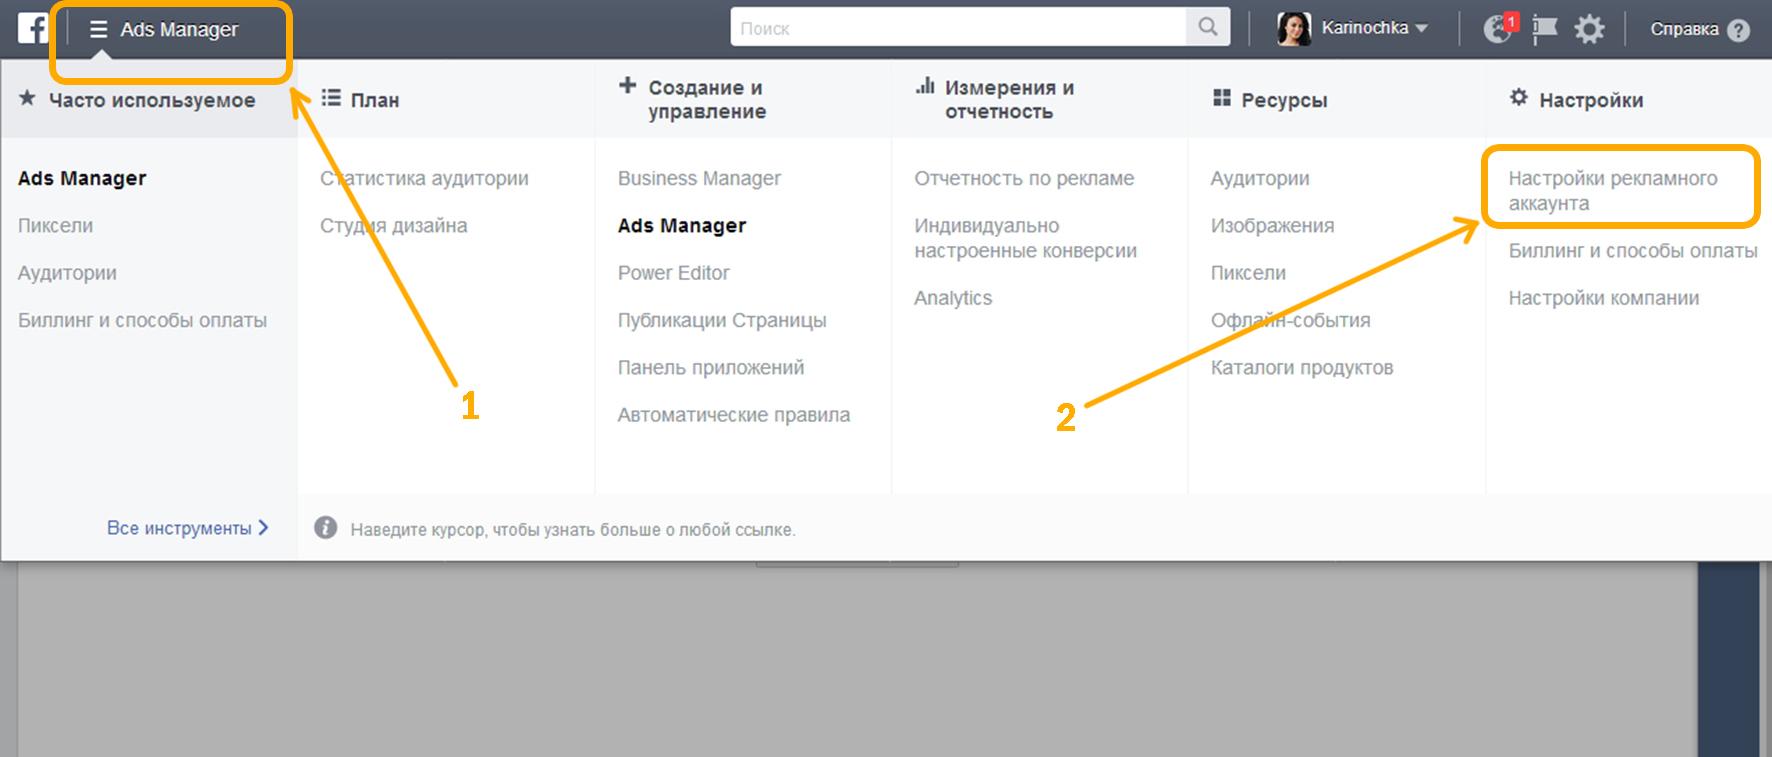 Визуальный способ открыть меню всех категорий и получение доступа ко всем главным настройкам рекламного аккаунта Фейсбук.